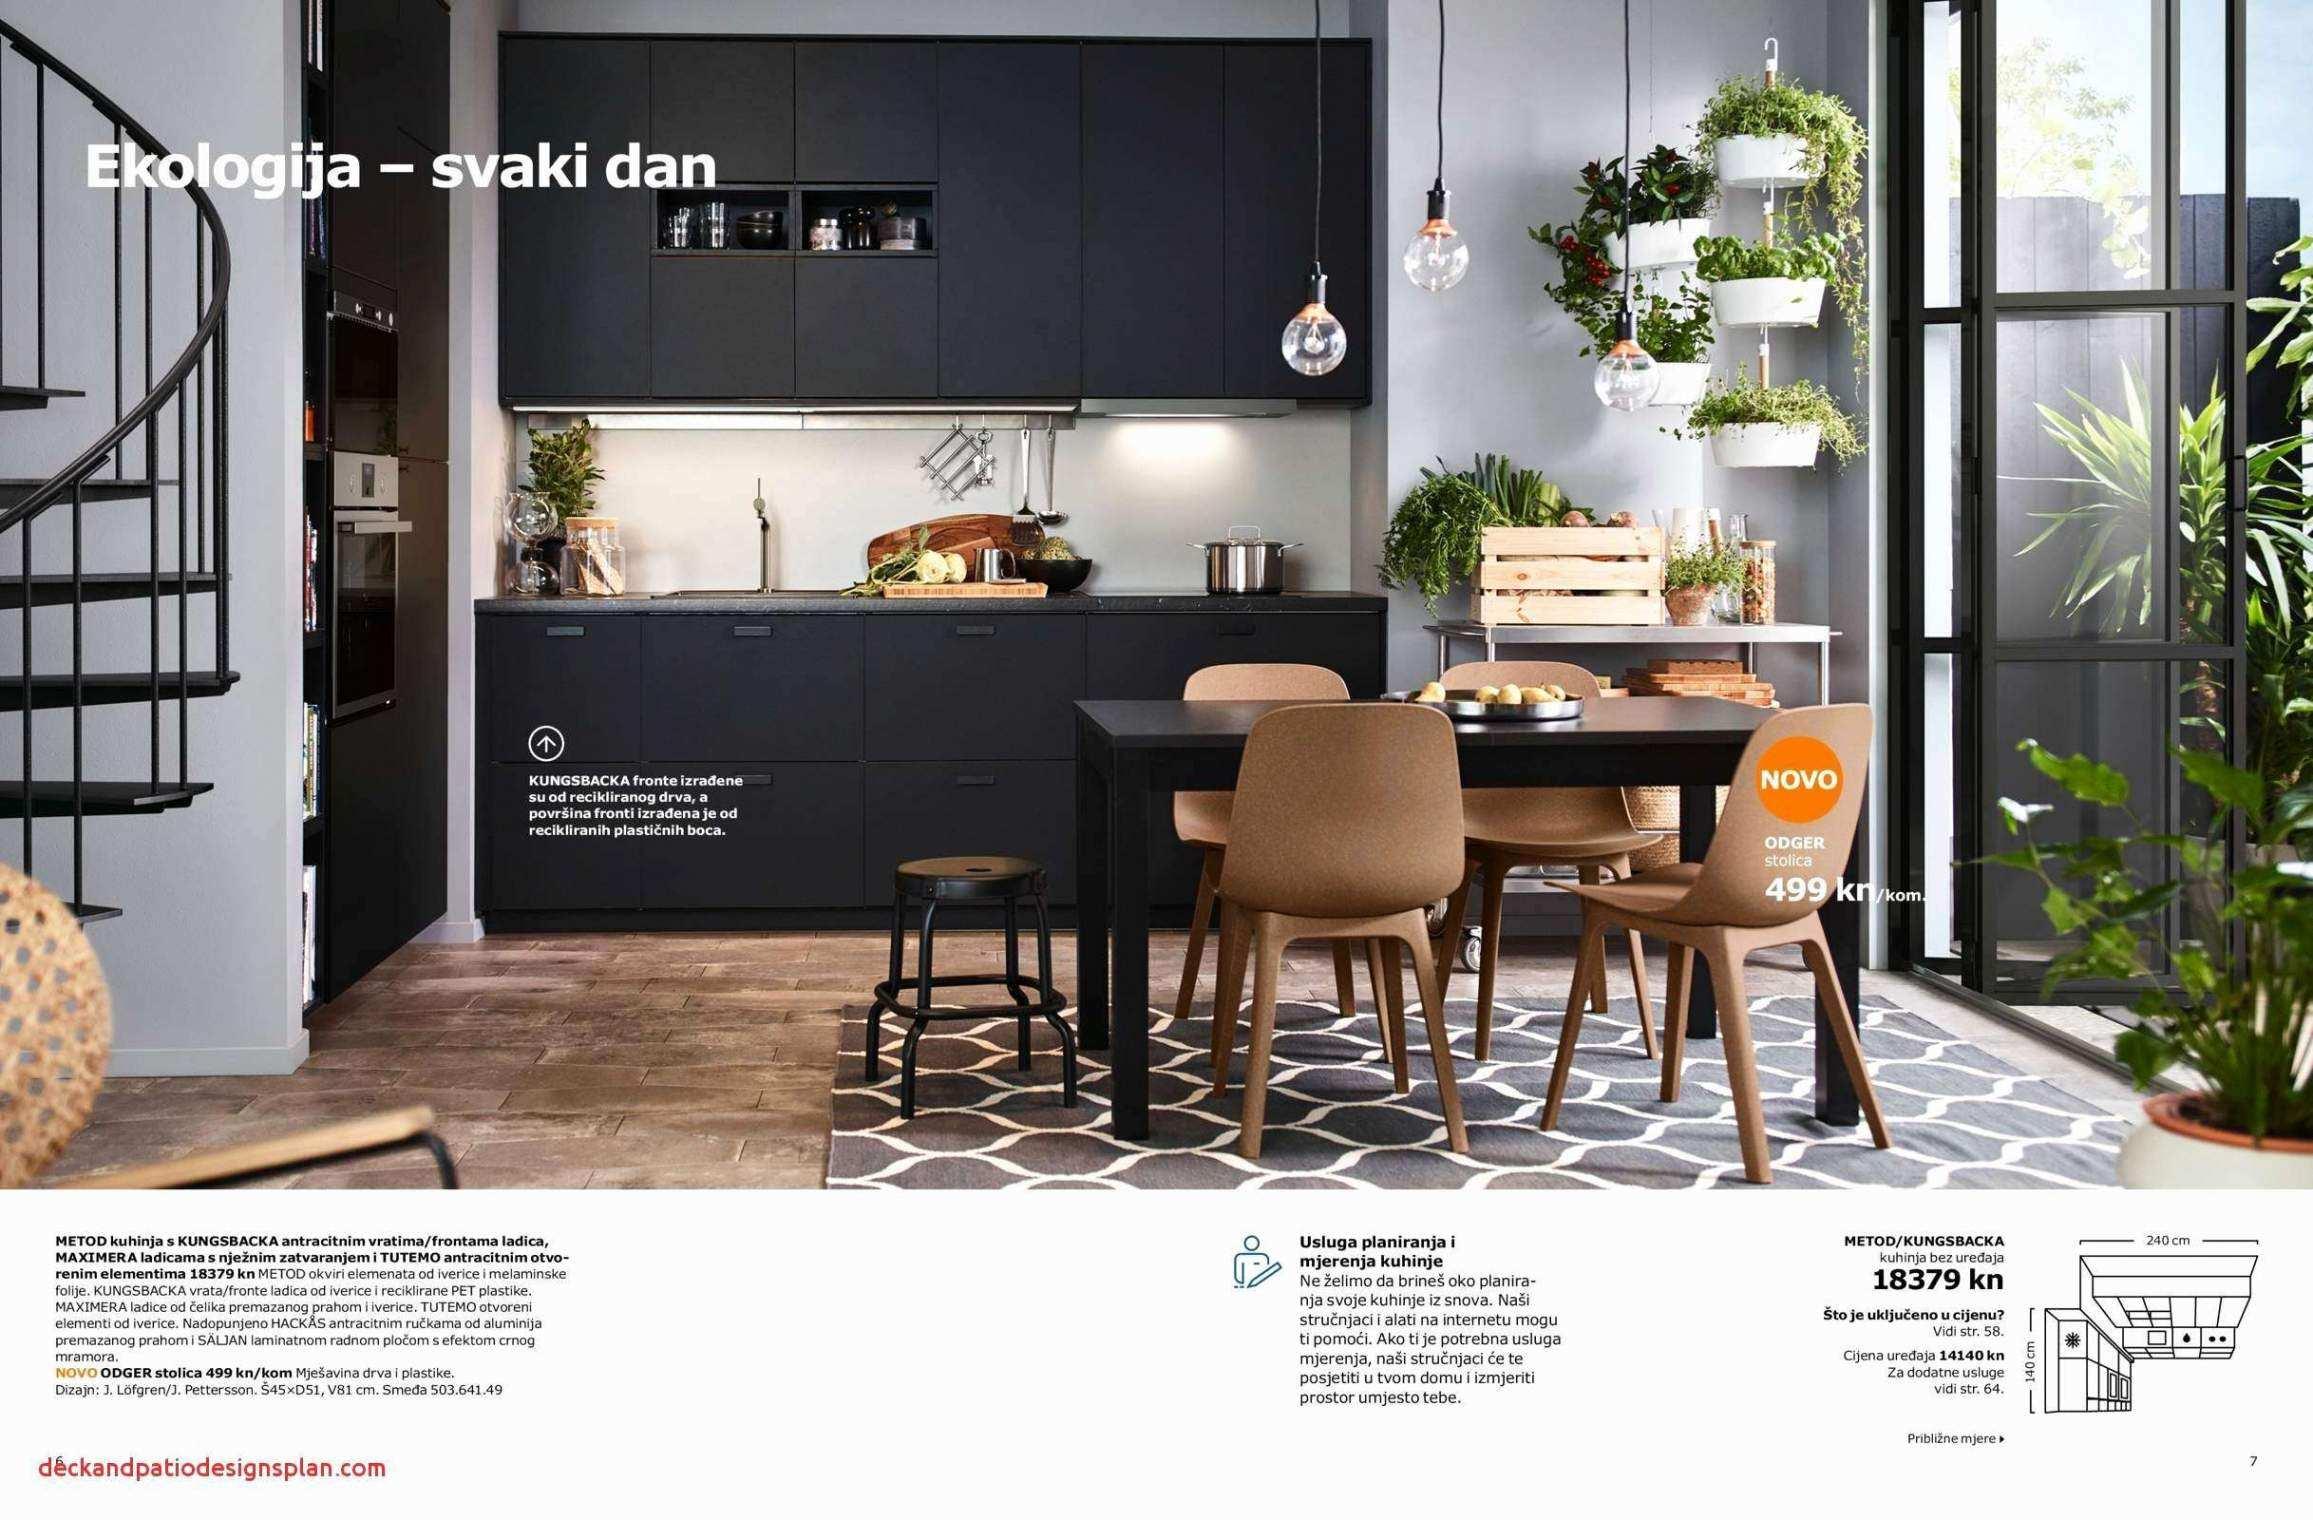 Sims 3 Design Garten Accessoires Frisch 59 Frisch Möbel Für Kleine Wohnungen Genial